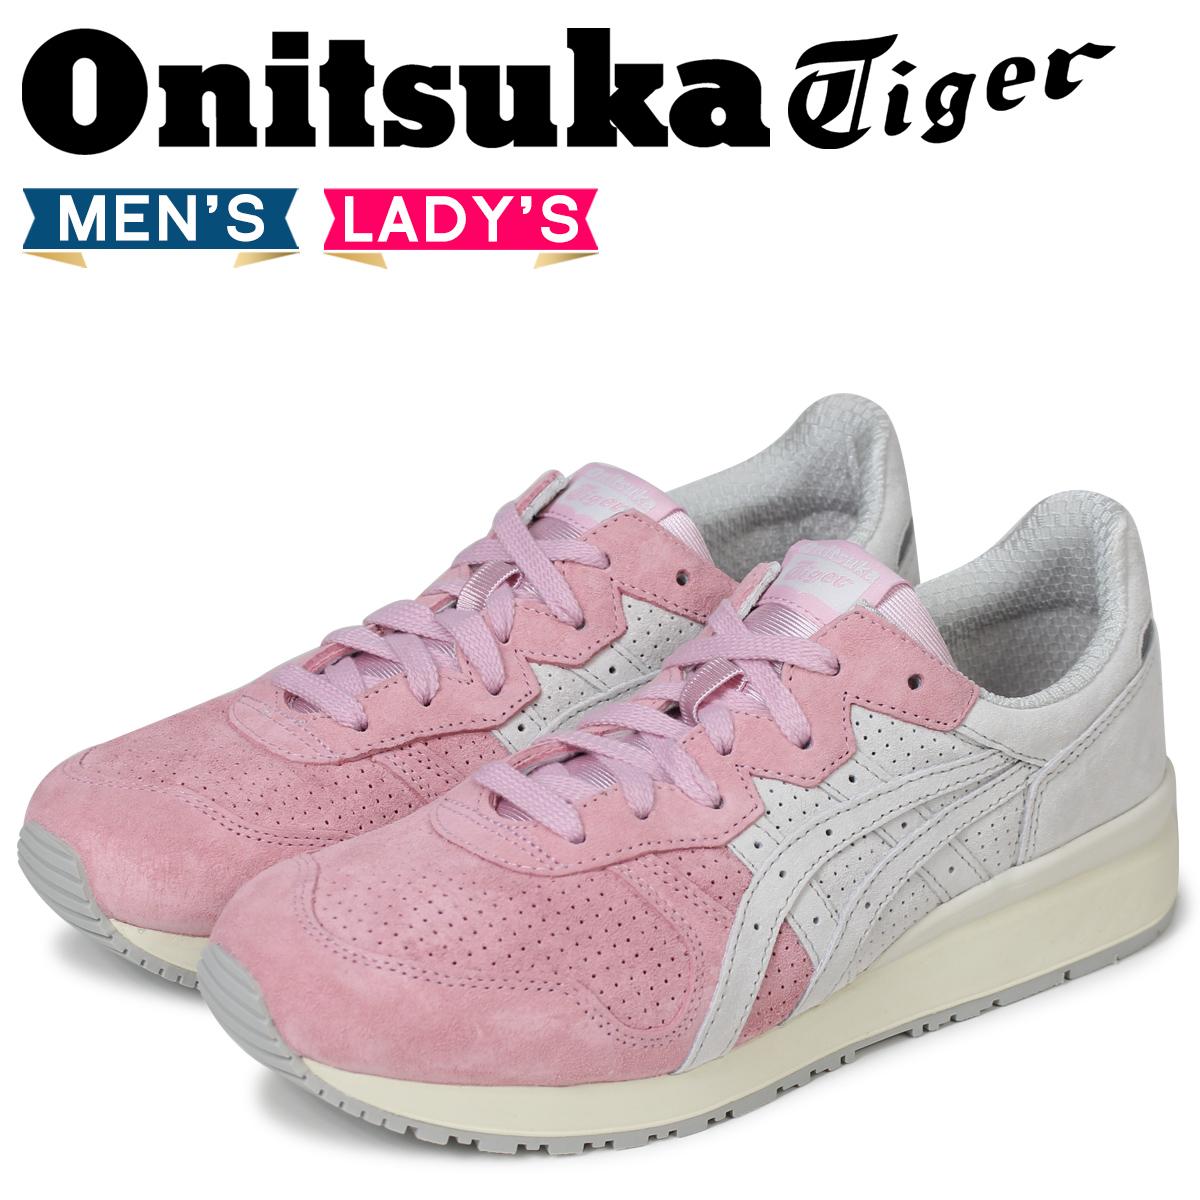 Onitsuka Tiger タイガー アリー オニツカタイガー TIGER ALLY メンズ レディース スニーカー TH701L-2090 ピンク